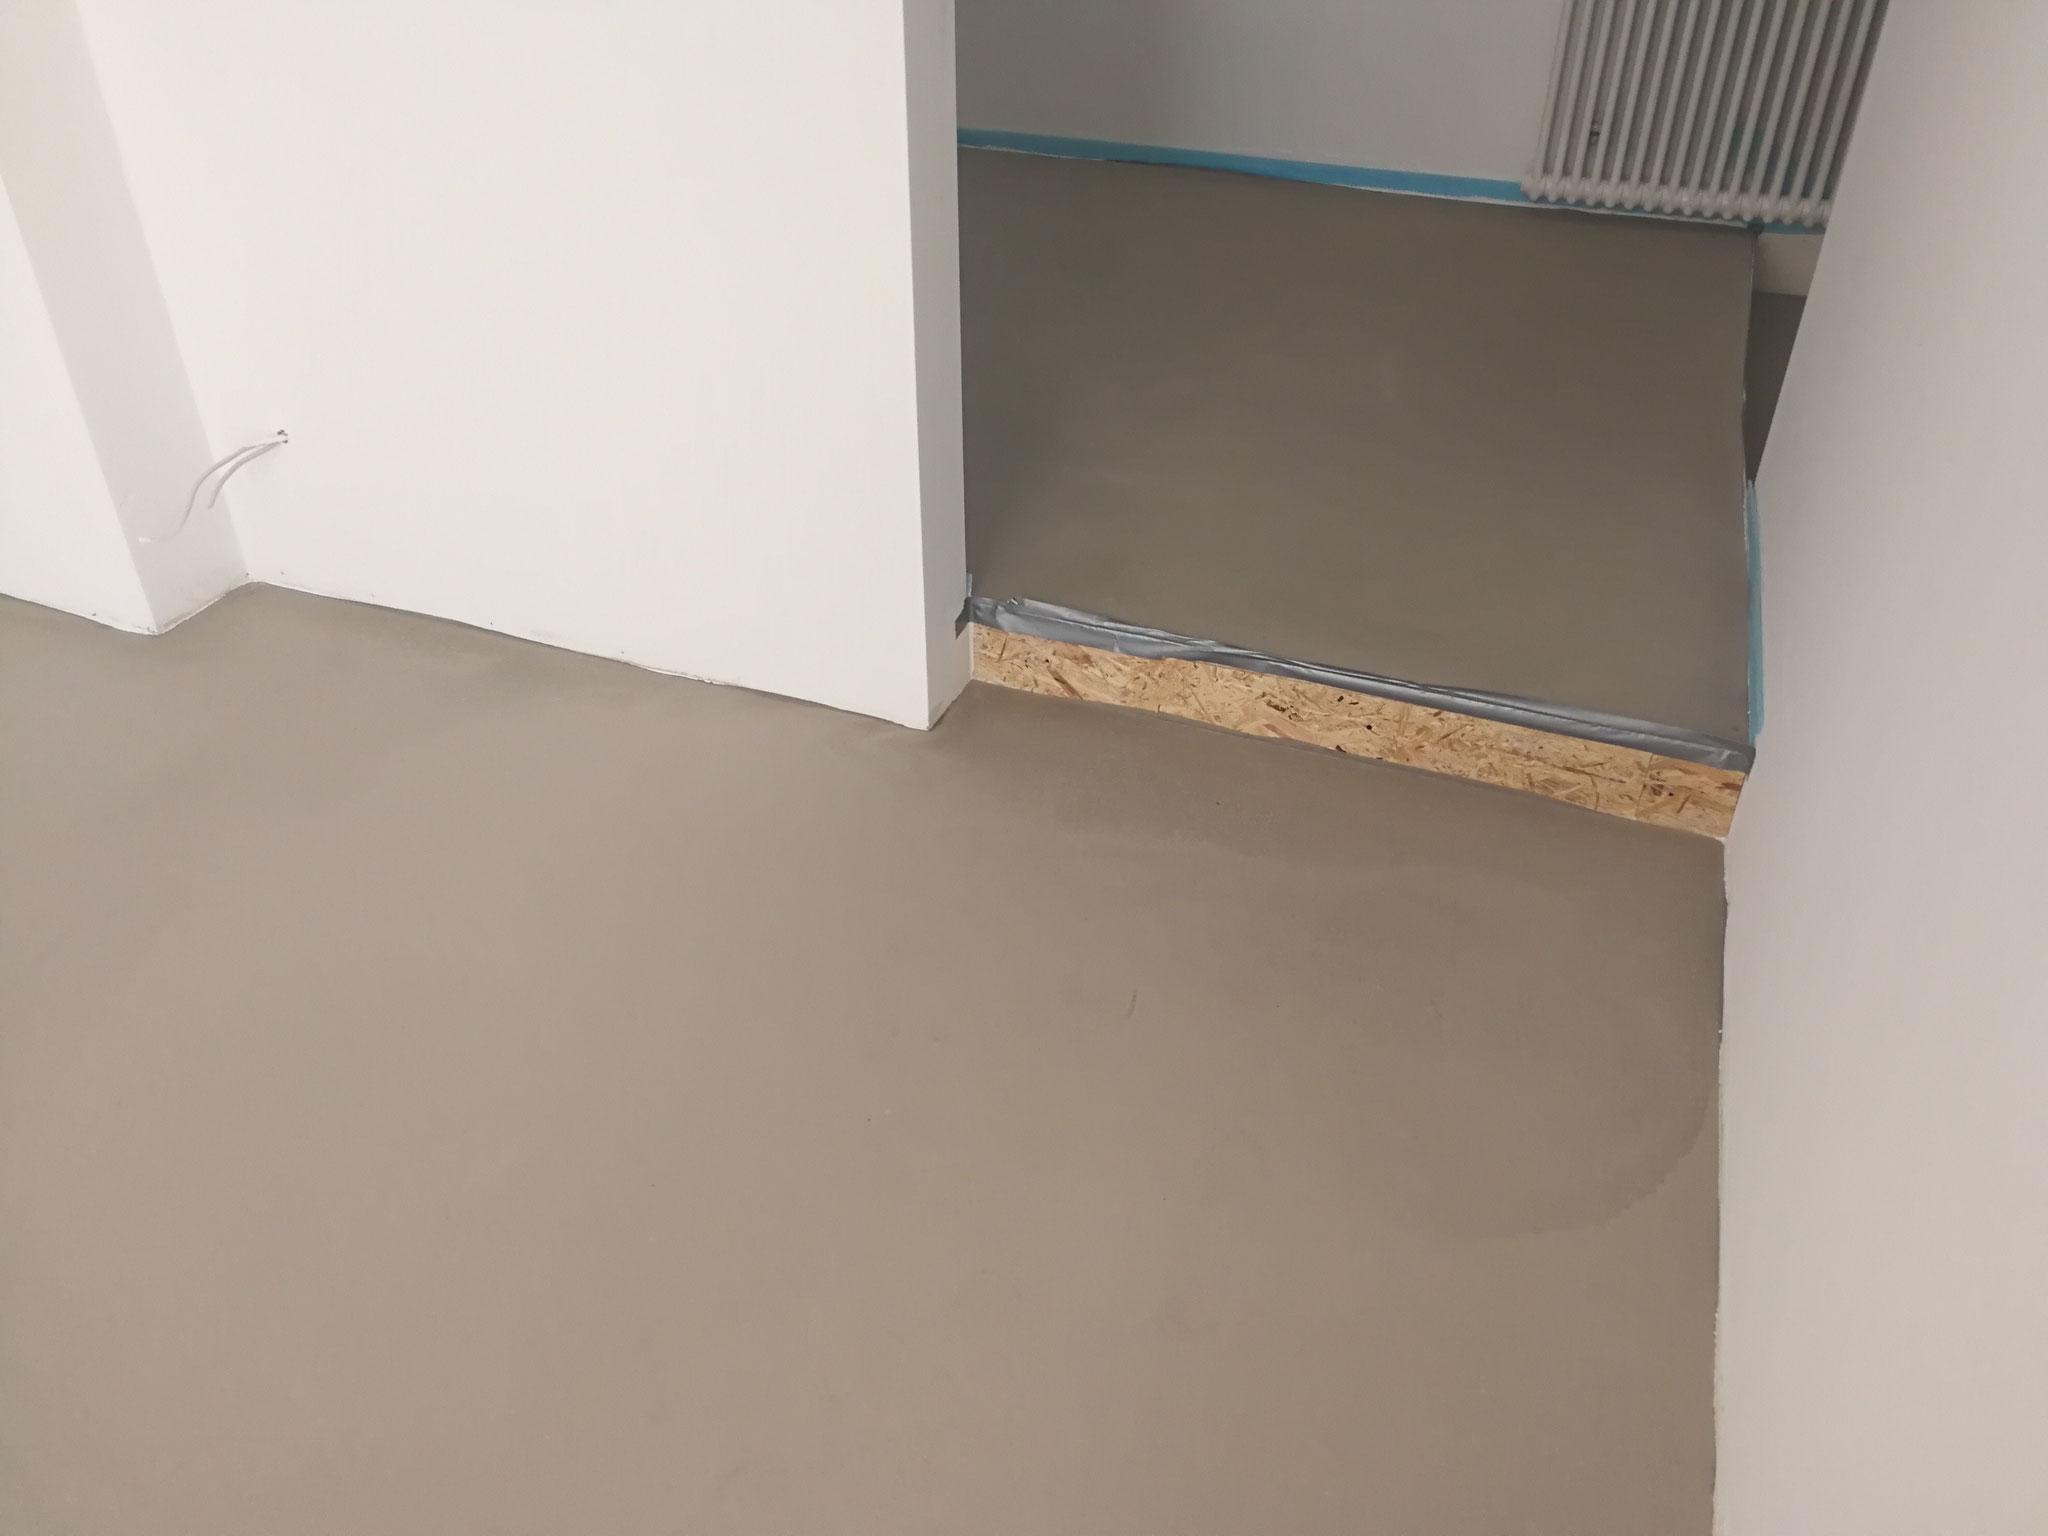 Podest und Boden zementär gespachtelt